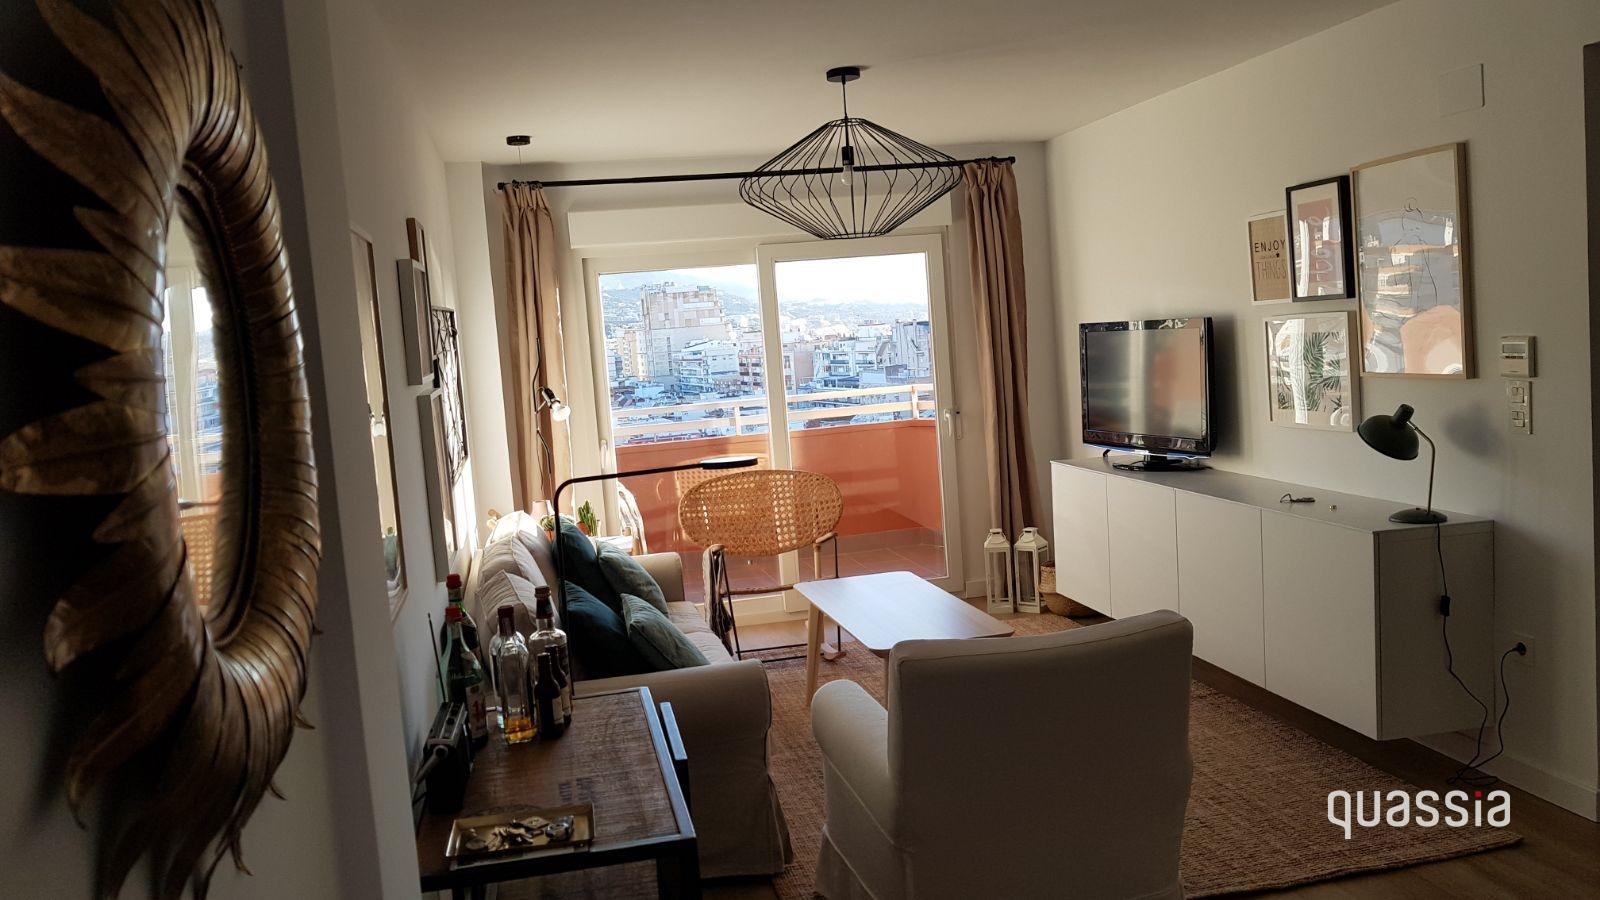 Reforma apartamento Fuengirola por Quassia (10)